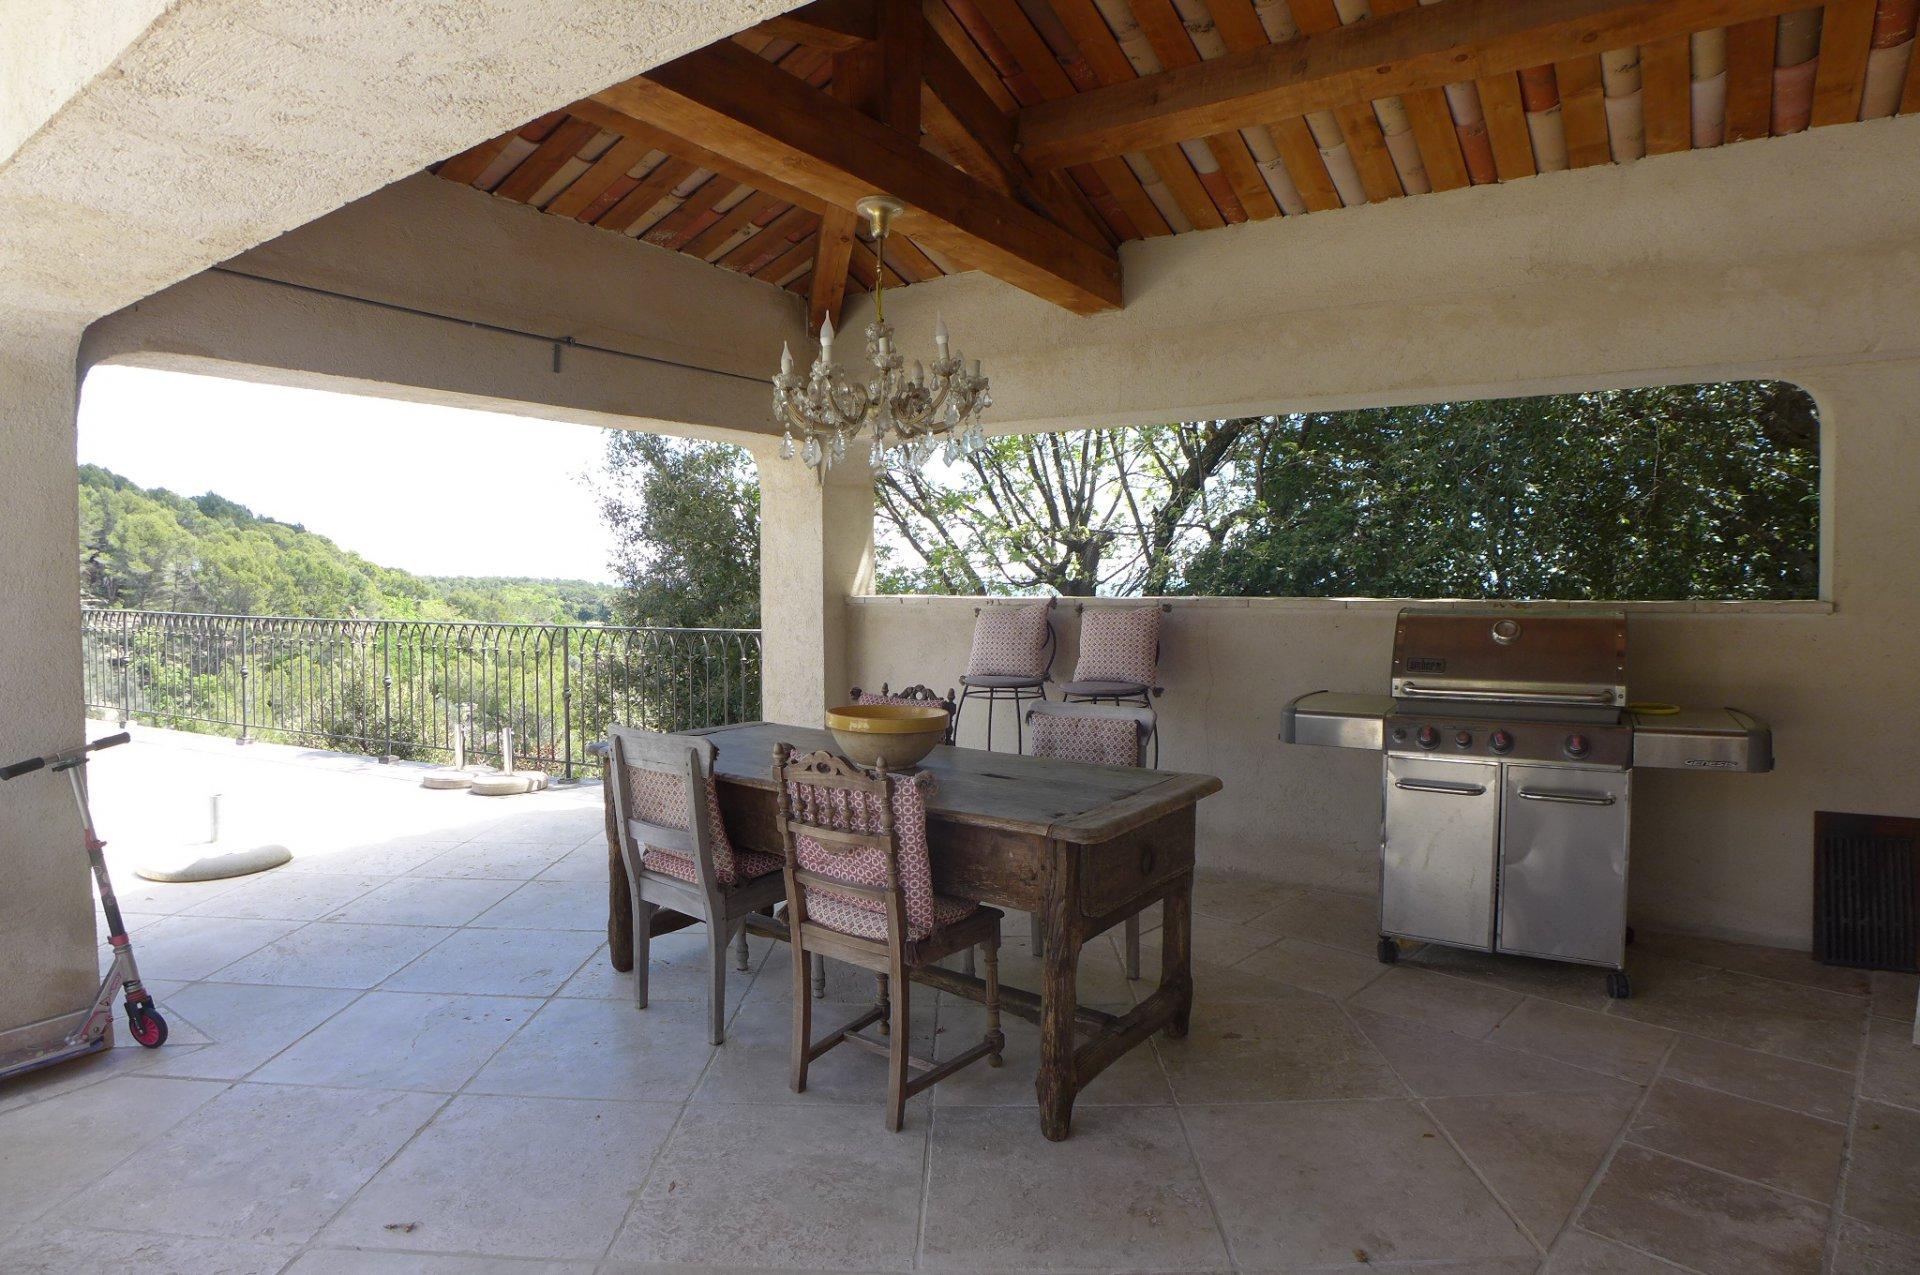 Cabris : Villa moderne avec vues imprenables !